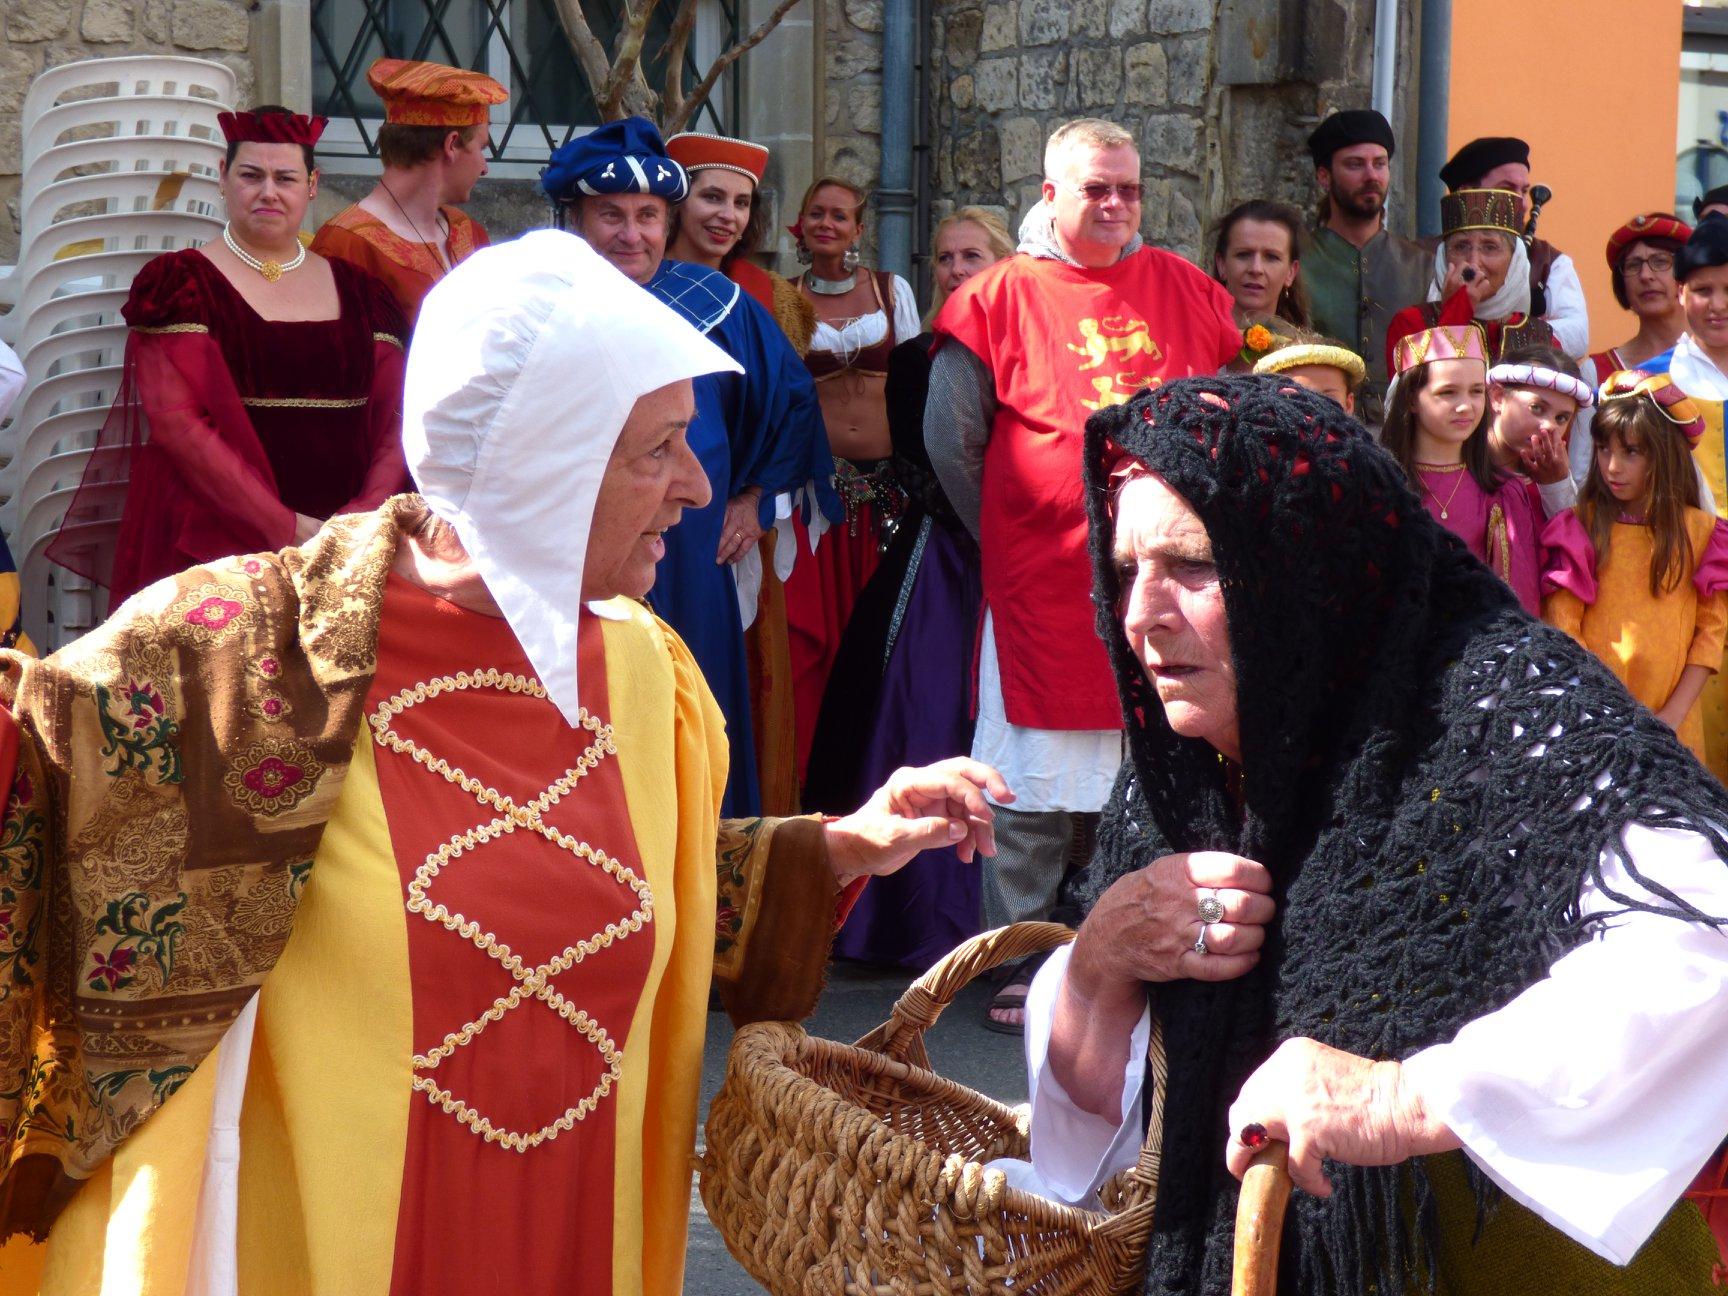 Fête médiévale Pons juillet 2018 - 25